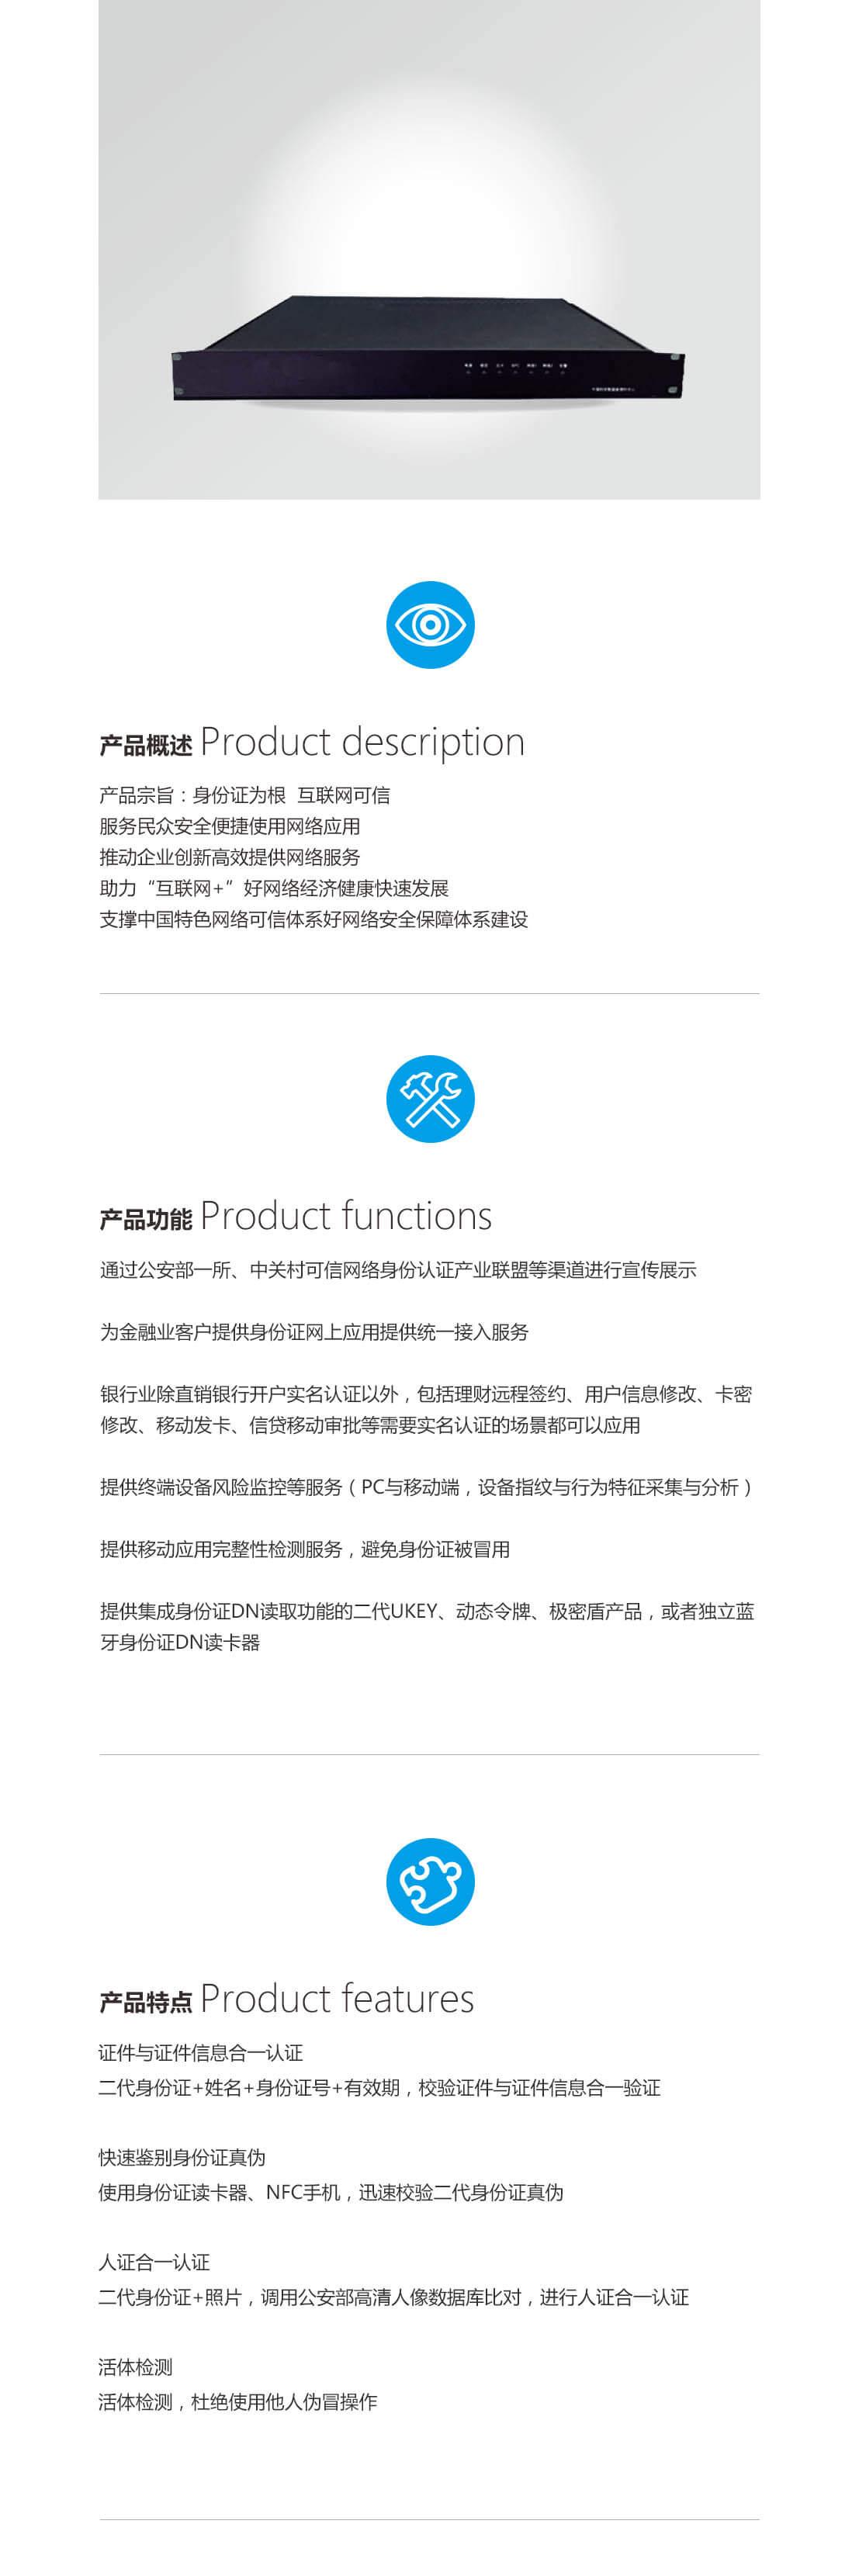 宏基恒信中国居民身份证网上应用.jpg